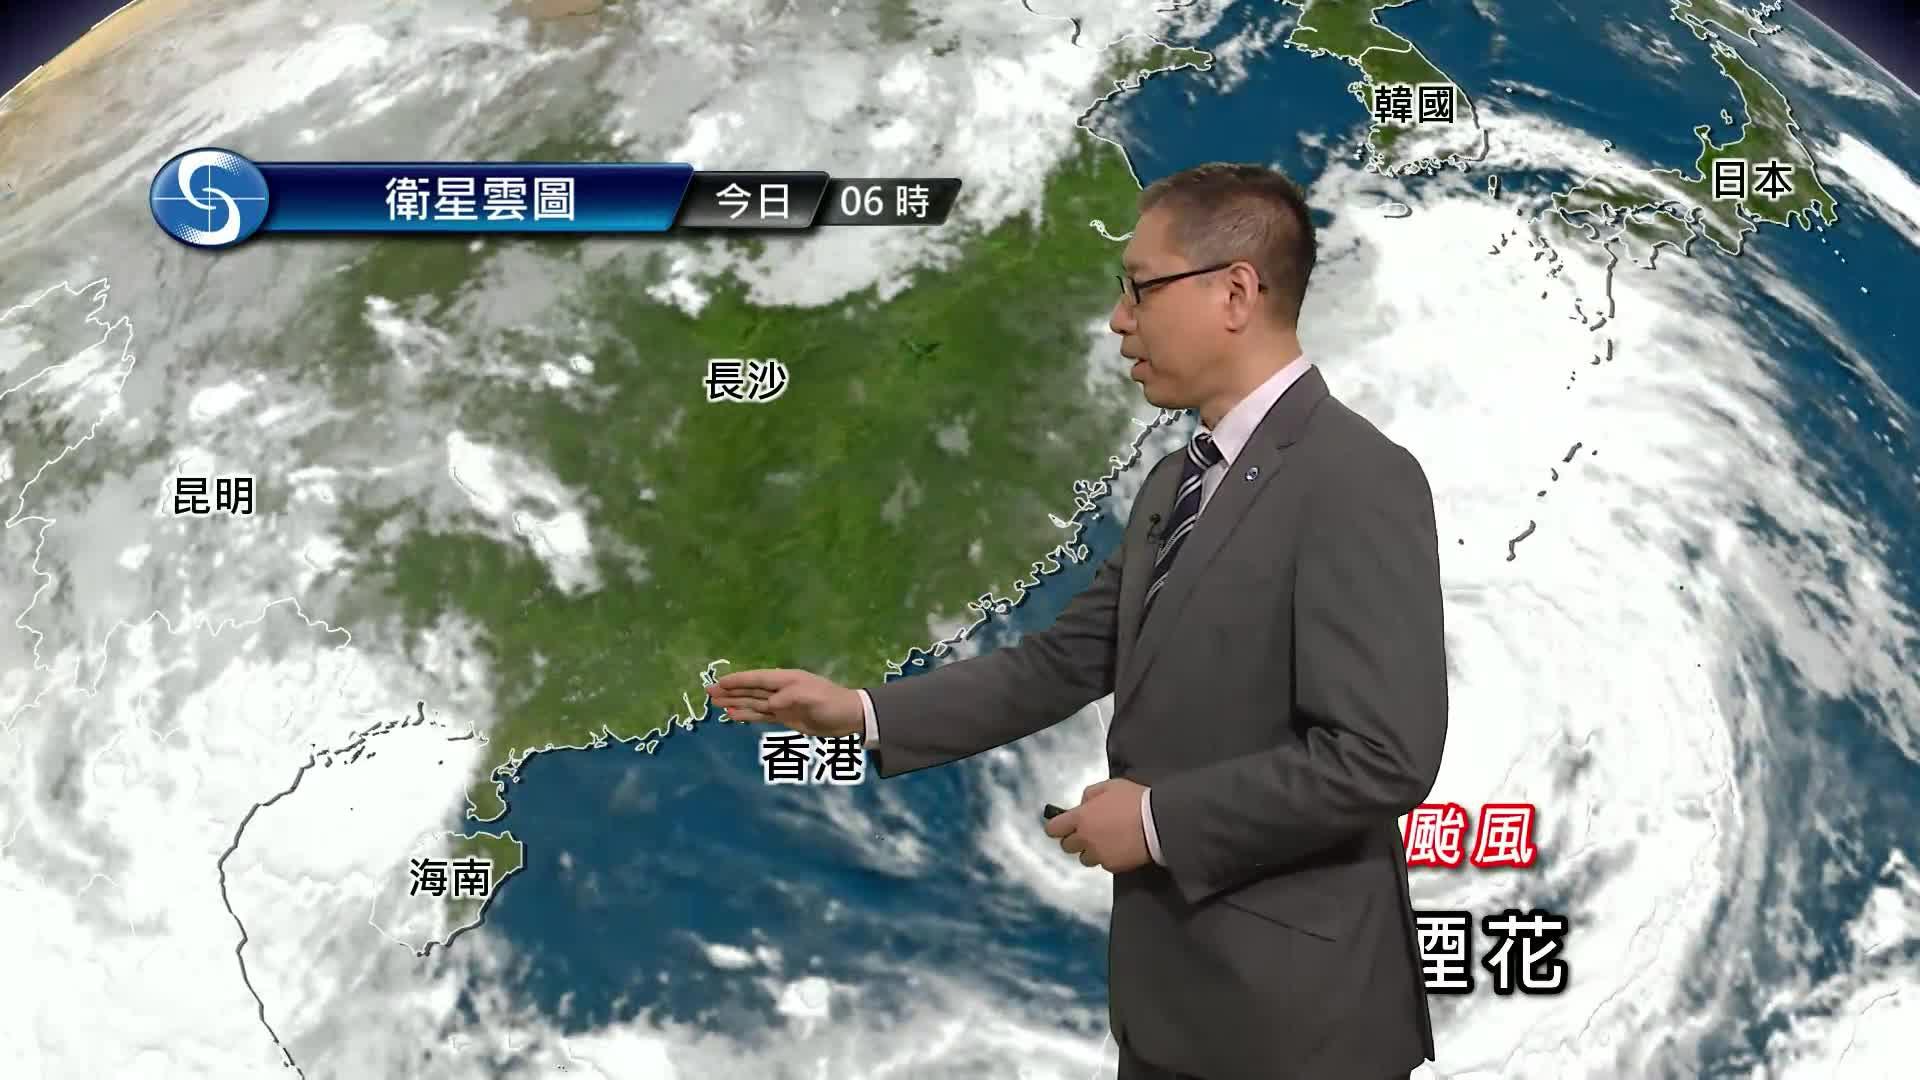 早晨天氣節目(07月23日上午8時) - 署理高級科學主任楊國仲